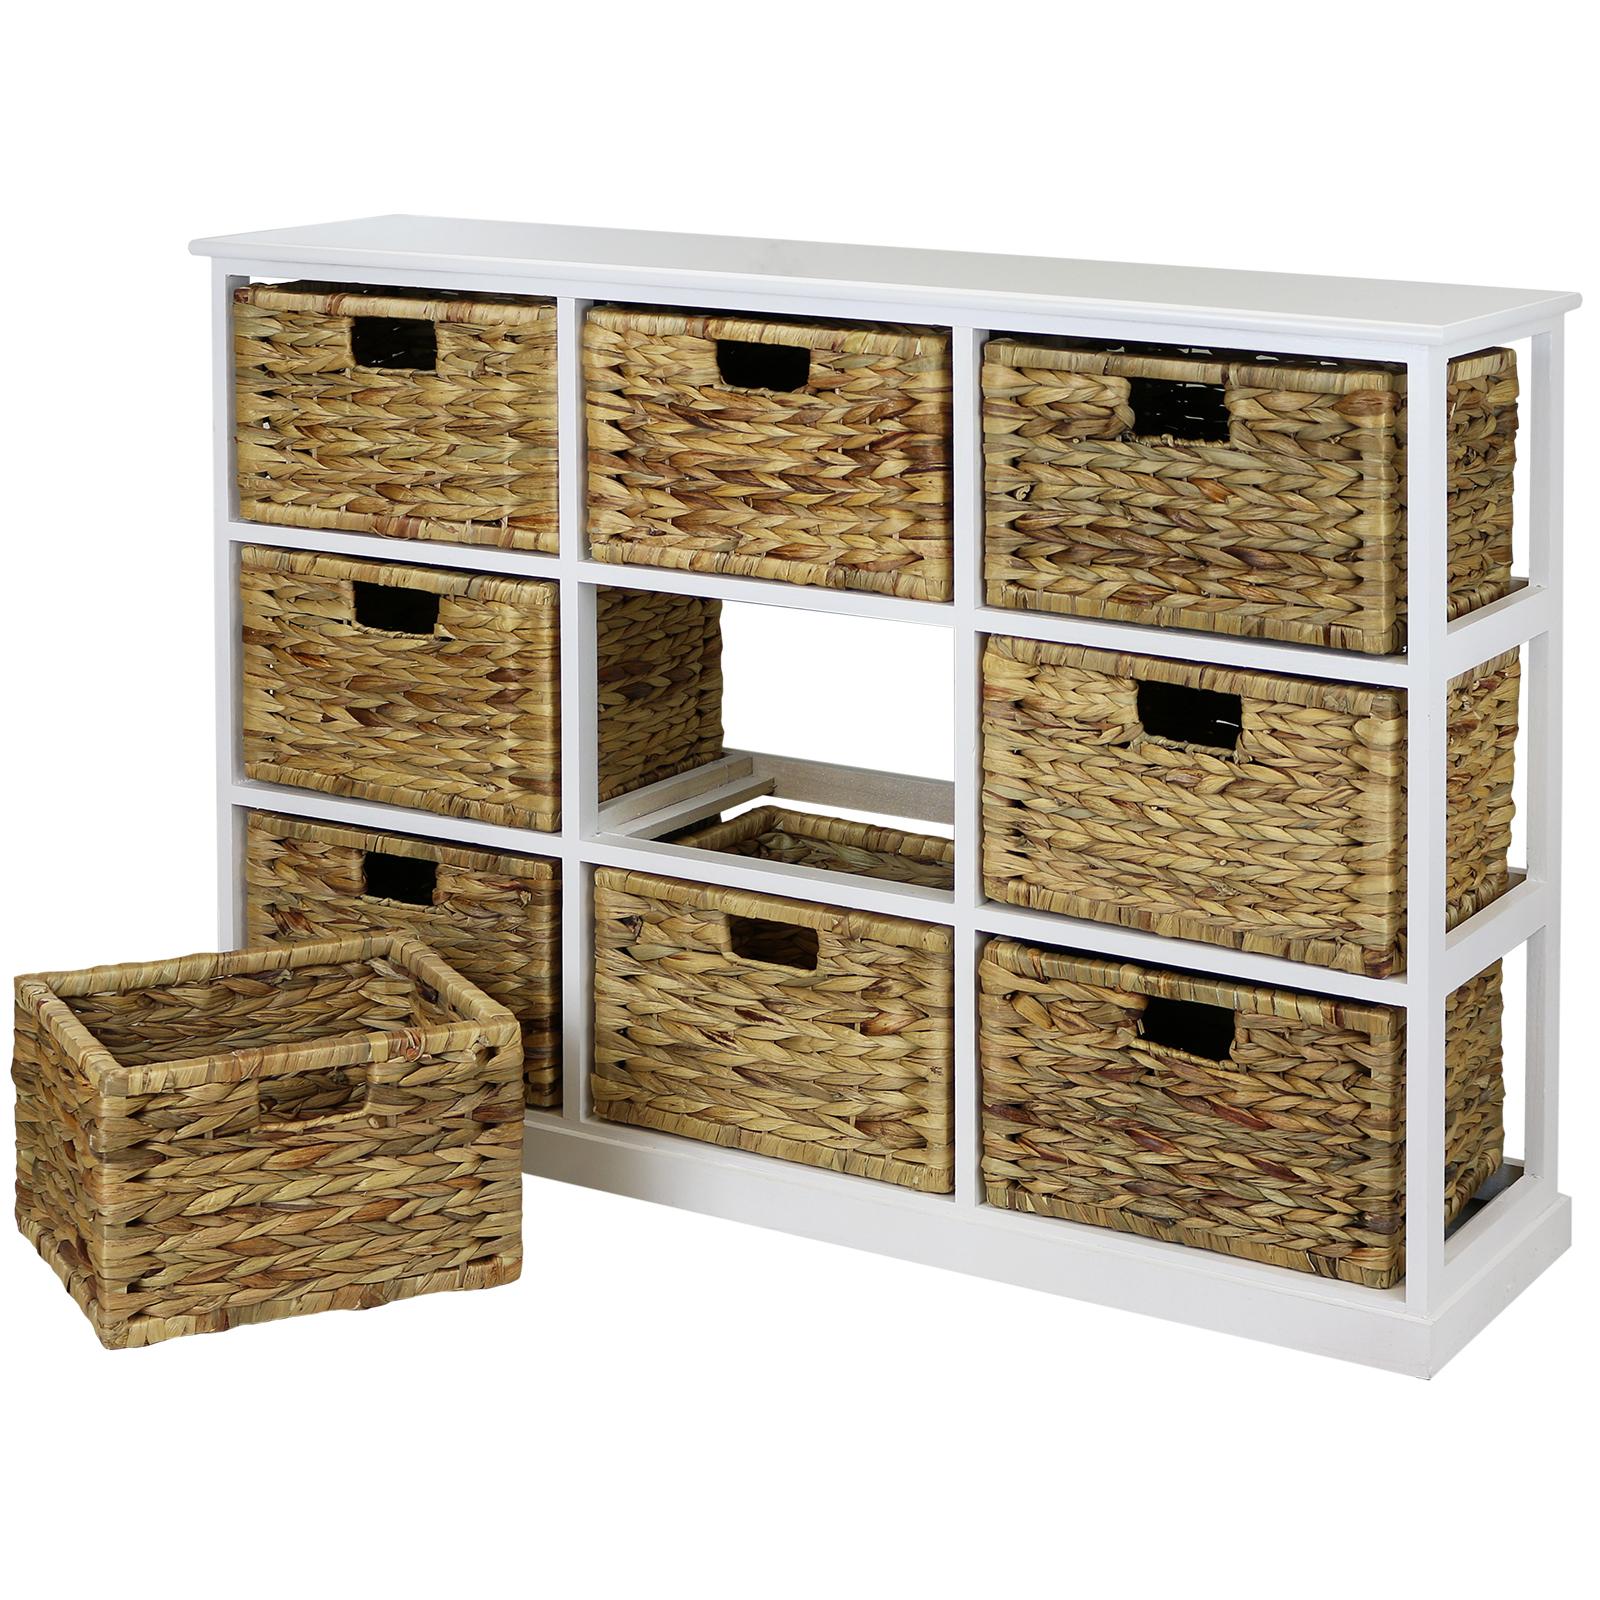 Kitchen Cabinets Basket Drawer: HARTLEYS 3x3 WHITE WOOD HOME STORAGE UNIT 9 WICKER DRAWER